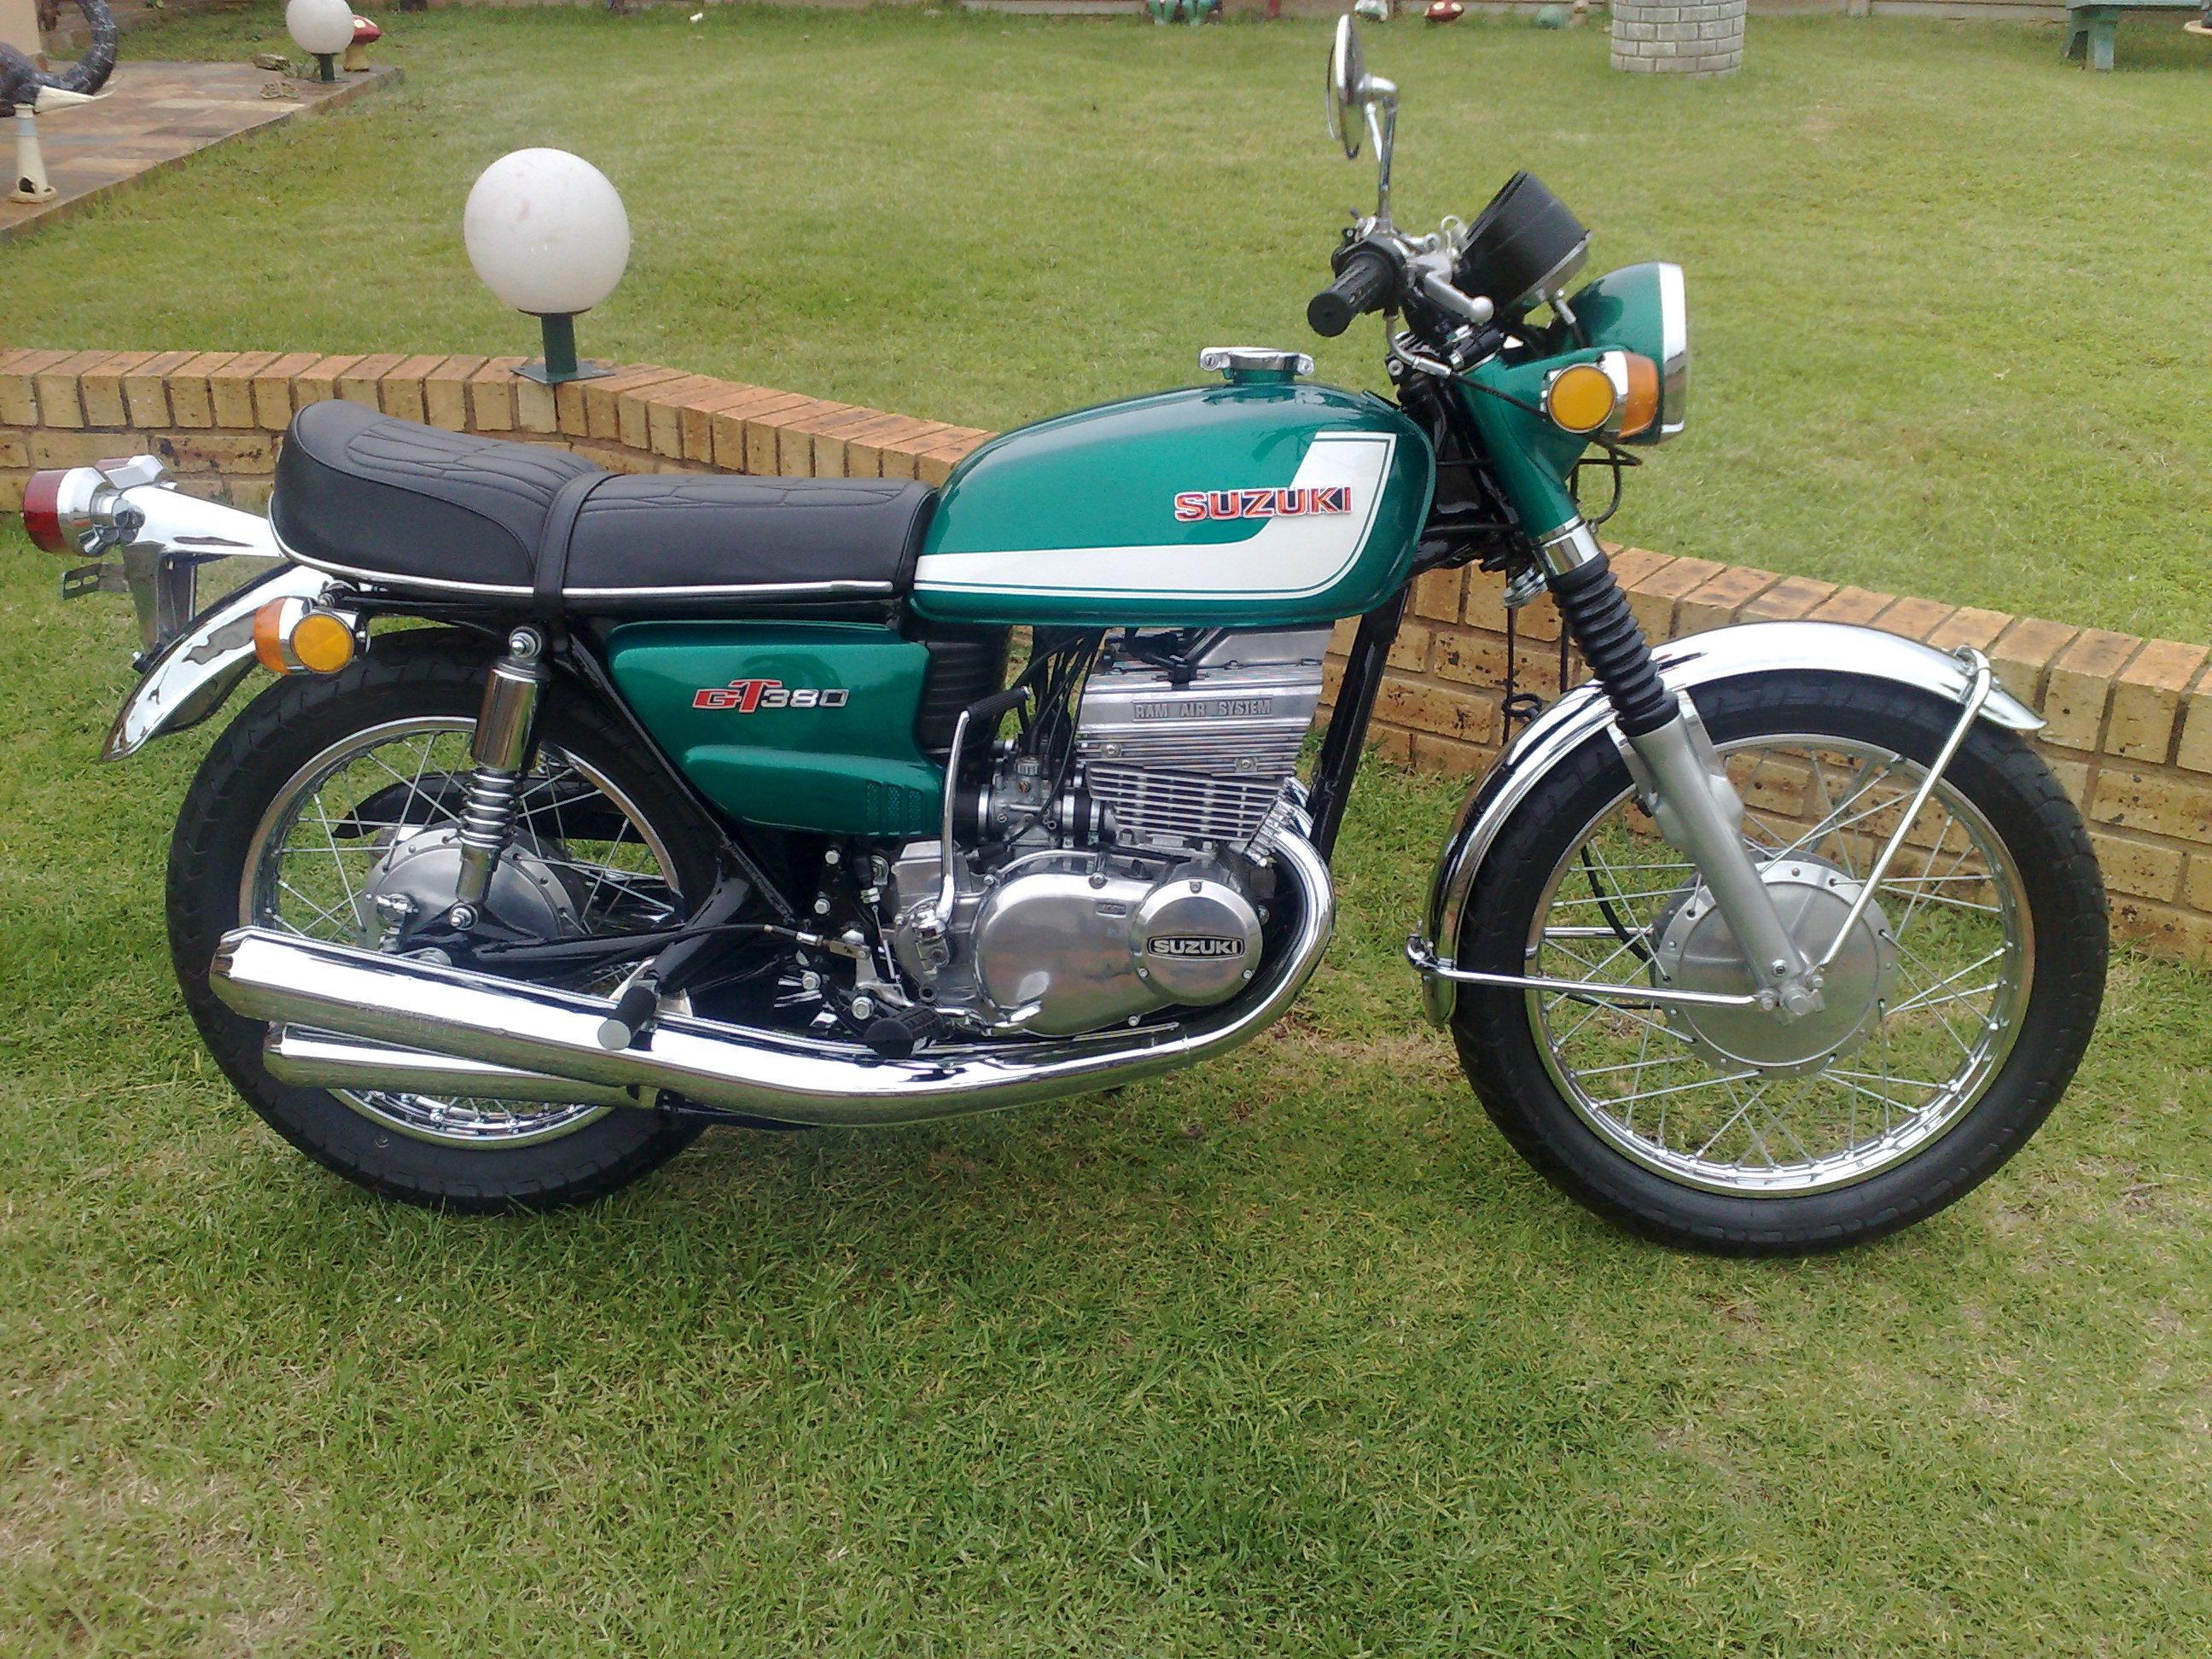 1971 Suzuki GT 380 after pic 1